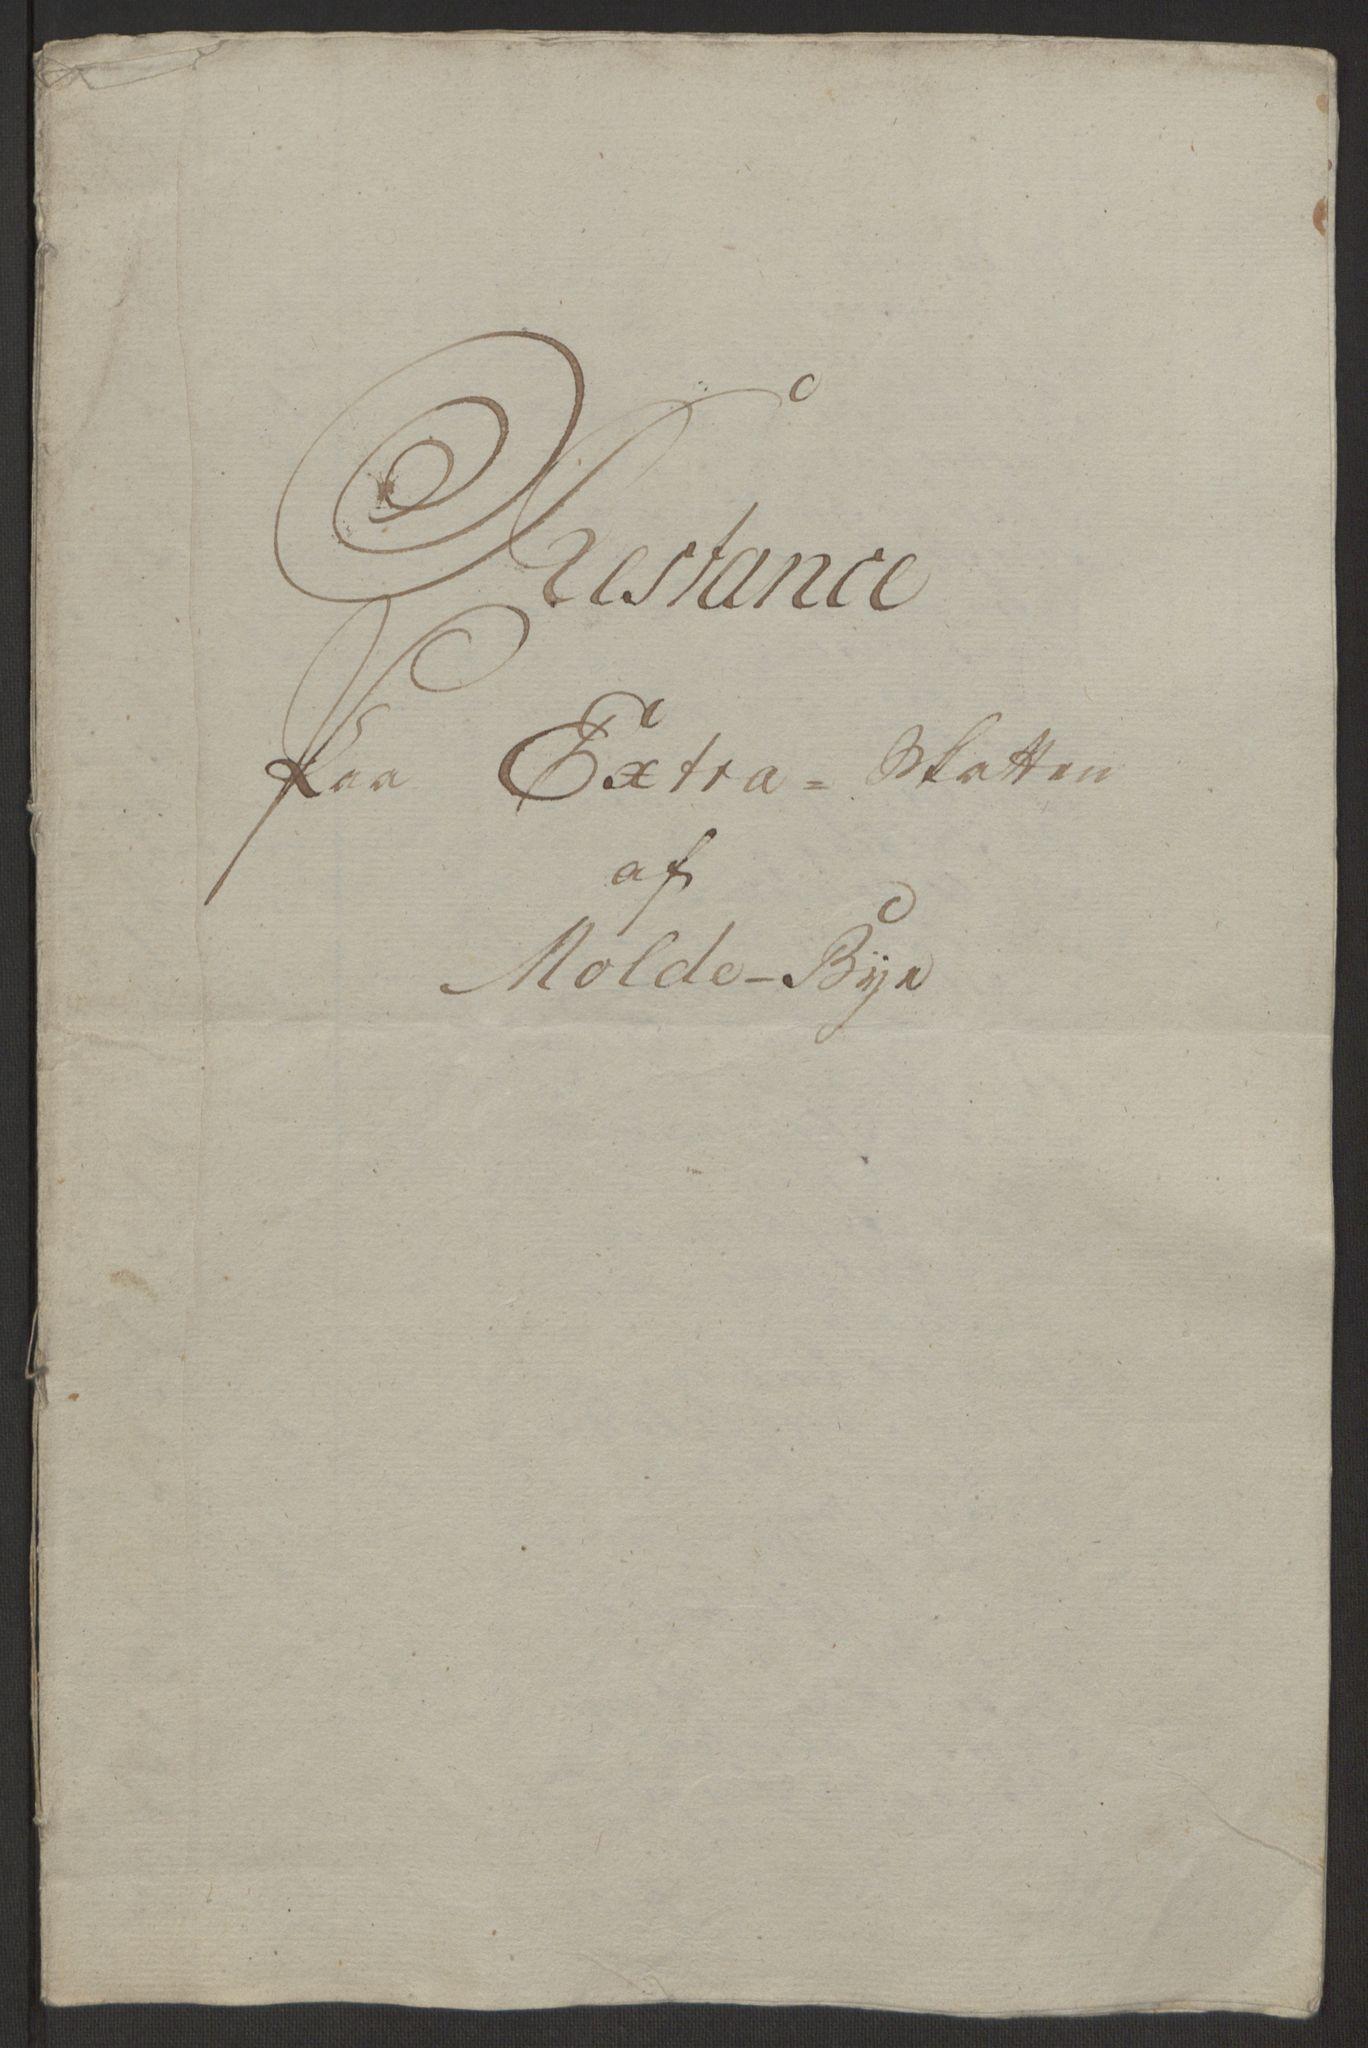 RA, Rentekammeret inntil 1814, Reviderte regnskaper, Byregnskaper, R/Rq/L0487: [Q1] Kontribusjonsregnskap, 1762-1772, s. 222